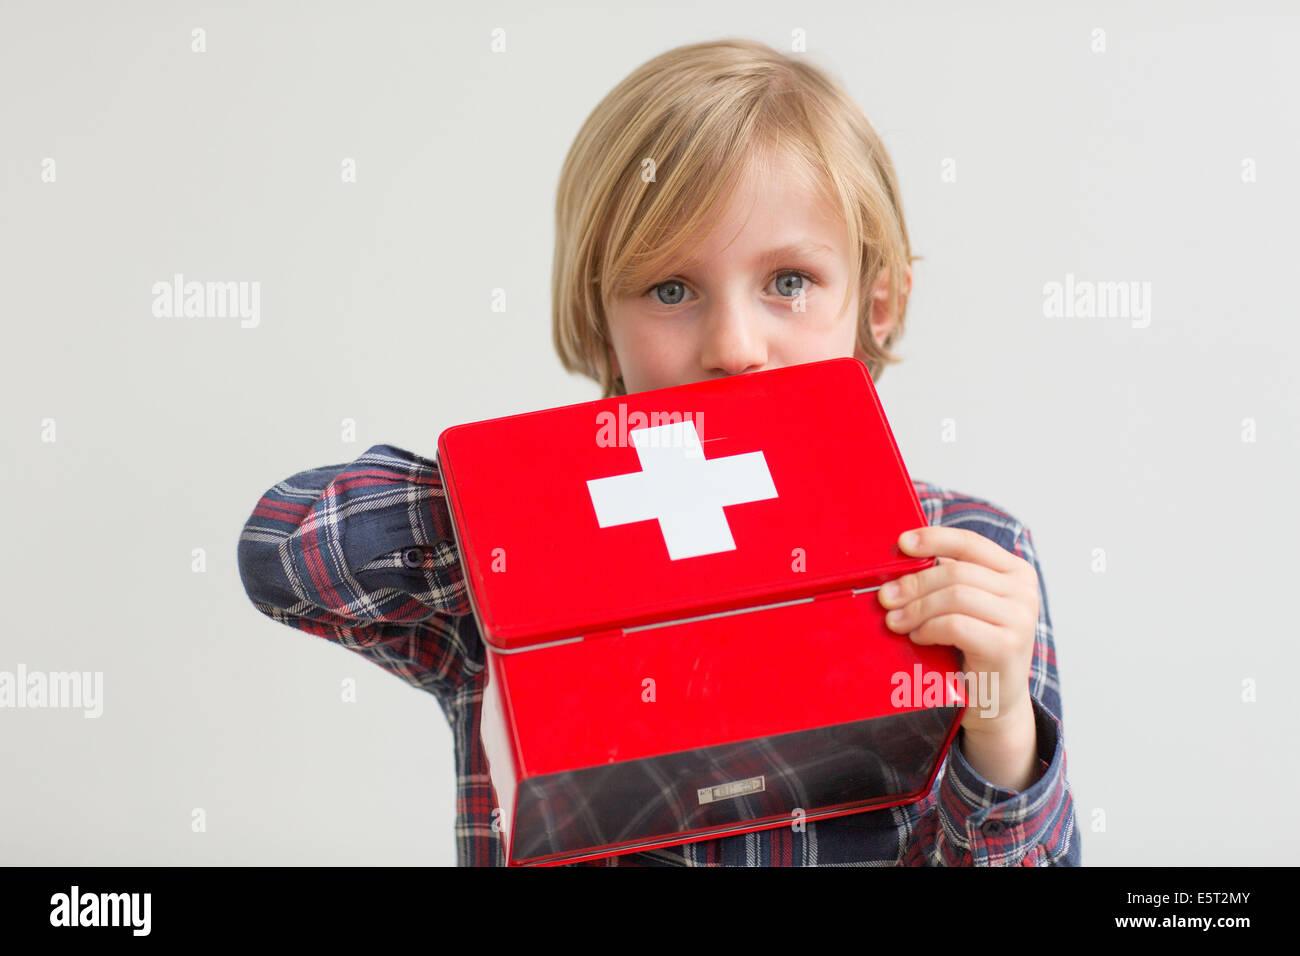 7 ans Garçon jouant avec les drogues: risque d'empoisonnement. Photo Stock